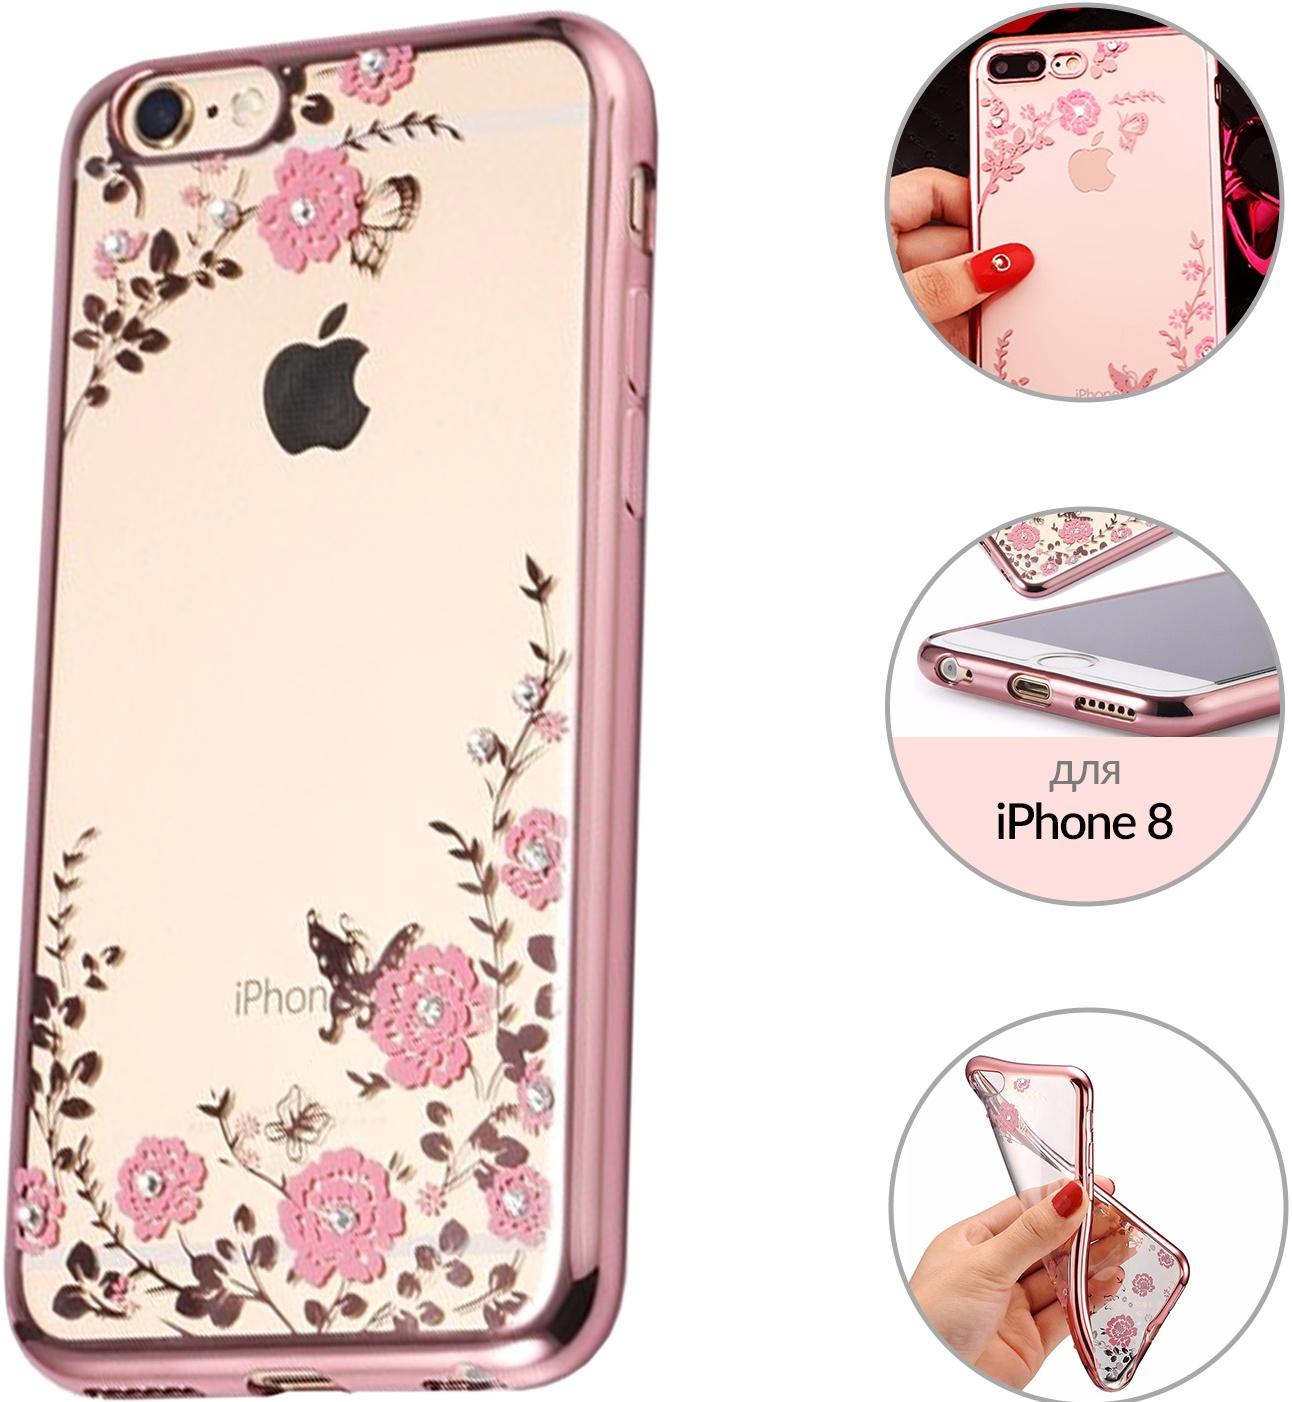 Чехол Цветочные узоры на Iphone 8, цвет прозрачный, розовый, Fidget Go тендерайзер fidget go цвет белый